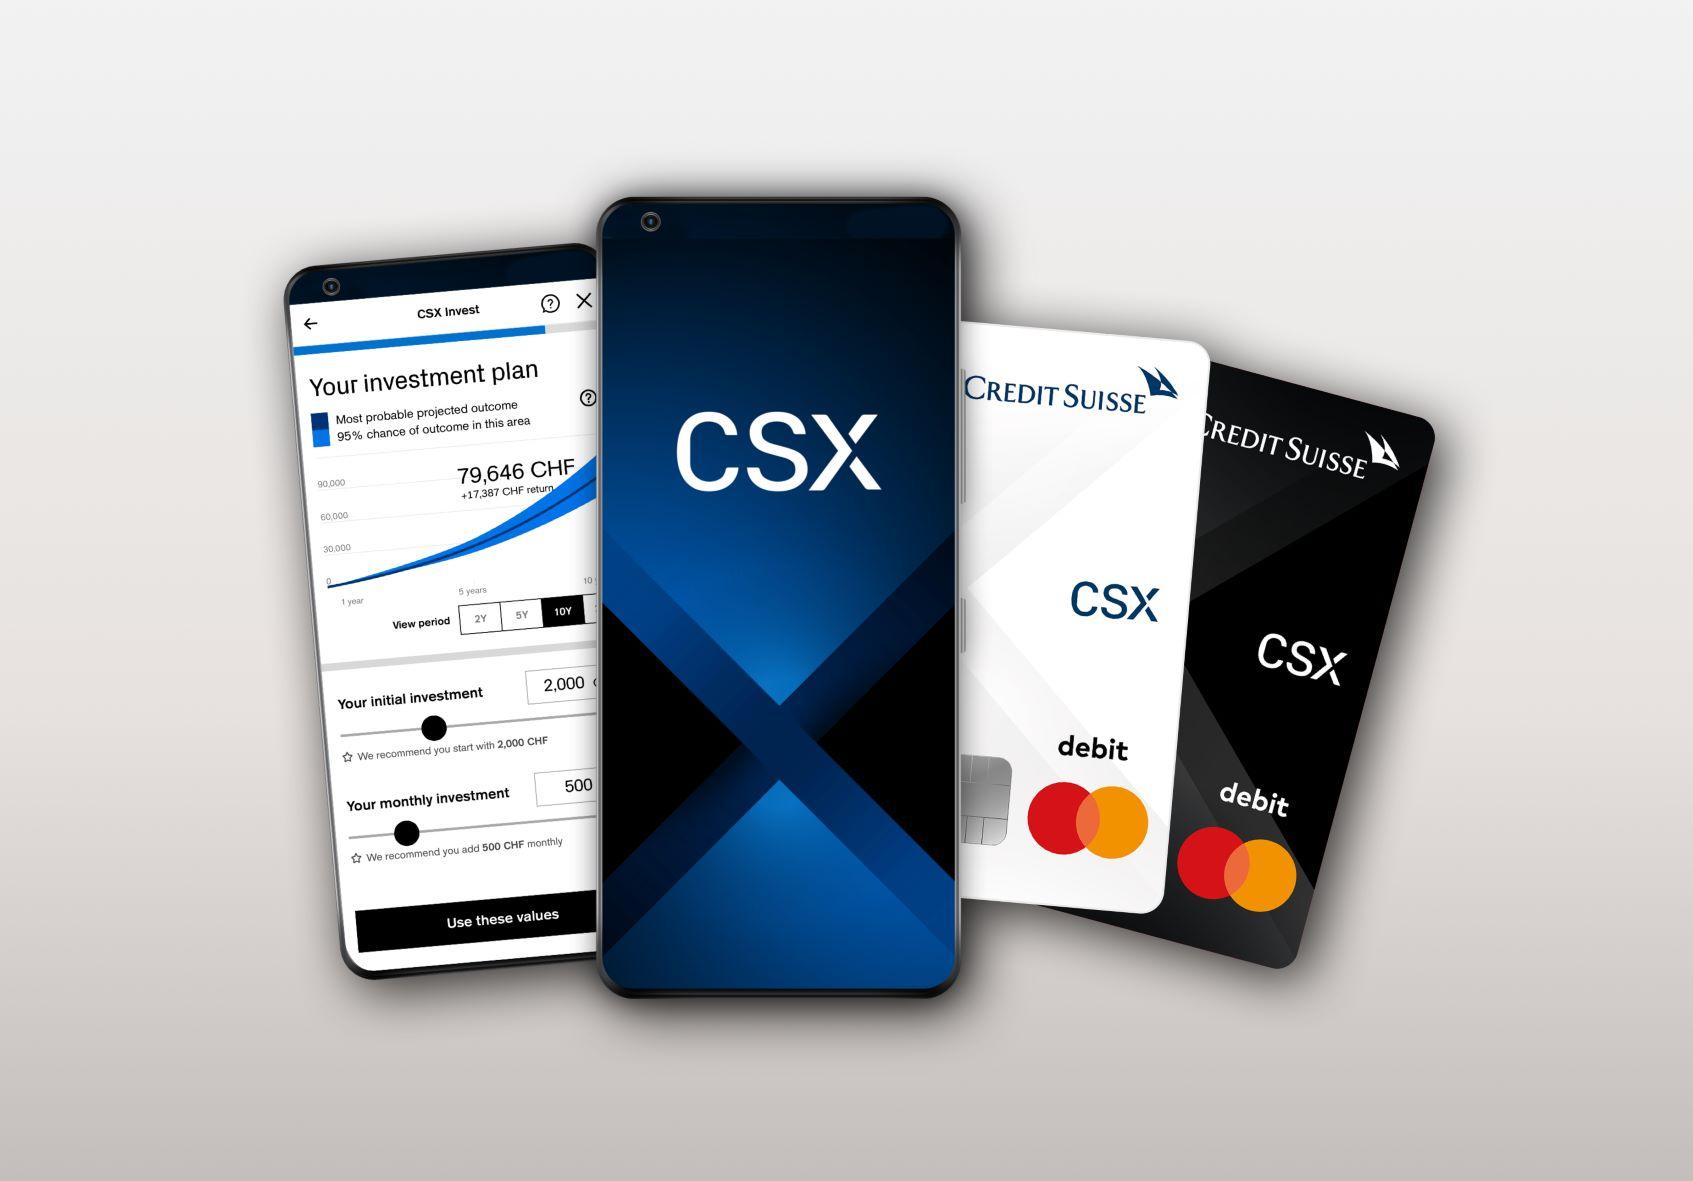 Credit Suisse lance une nouvelle offre bancaire numérique pour concurrencer les fintech